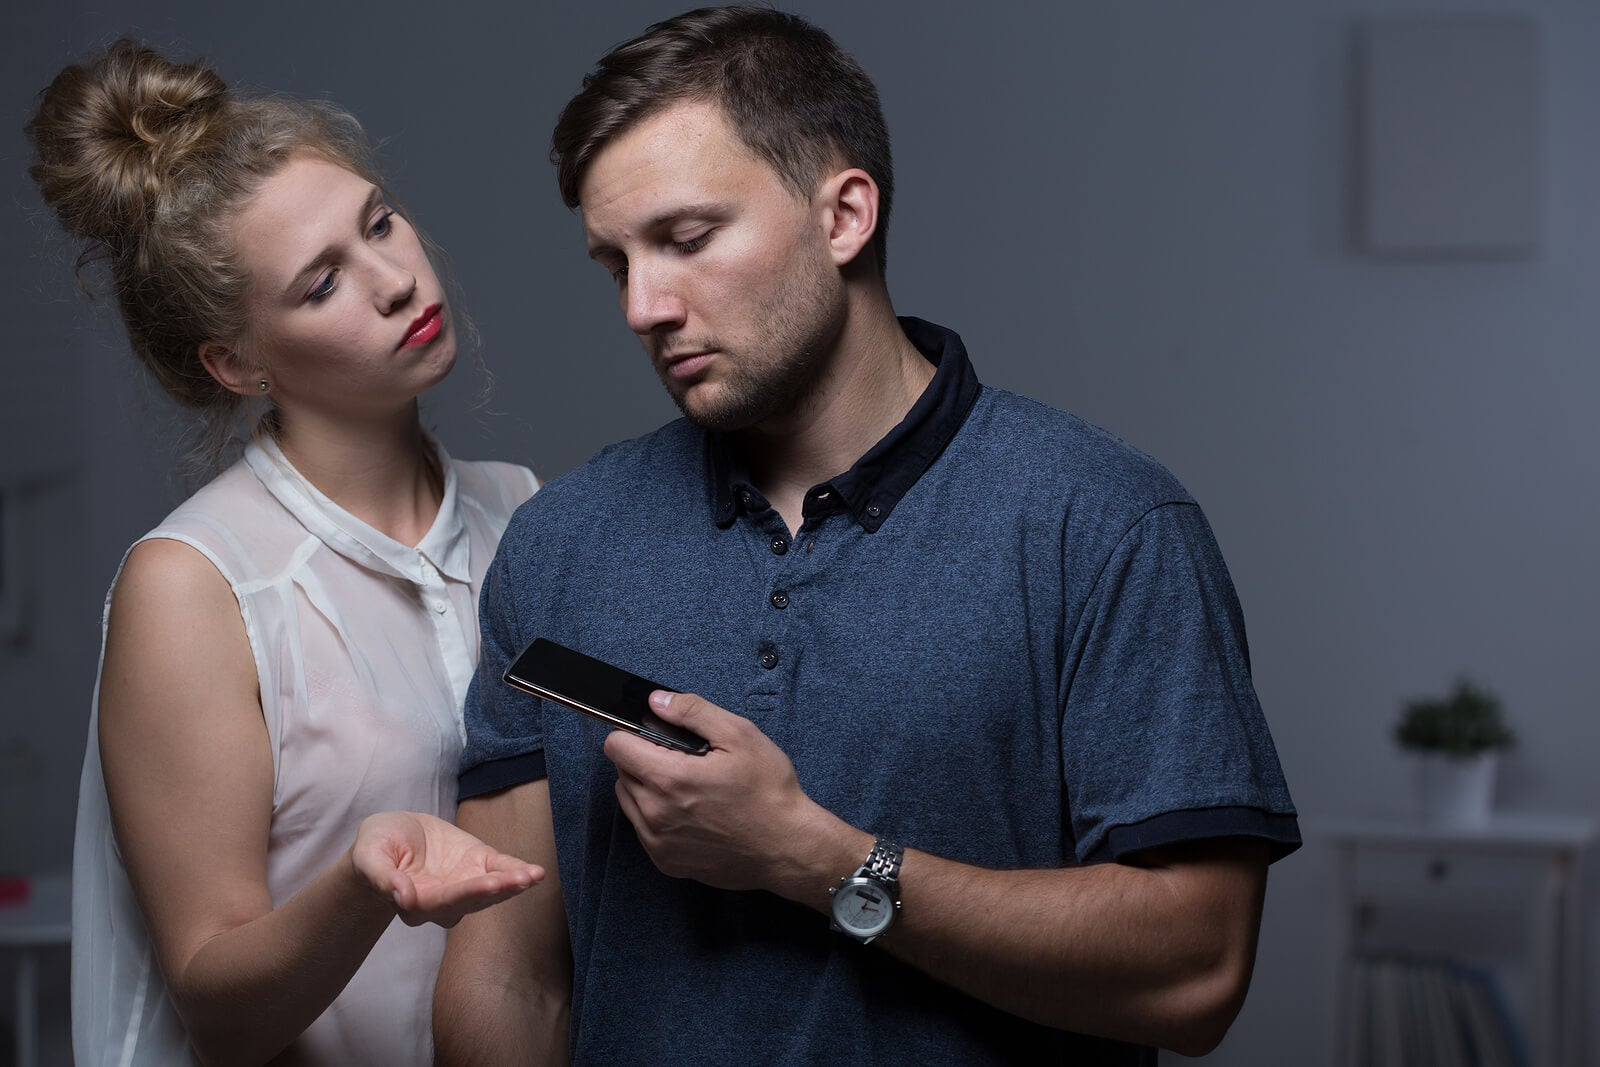 """¿Cómo saber si estoy viviendo una """"relación tóxica"""" de pareja?"""